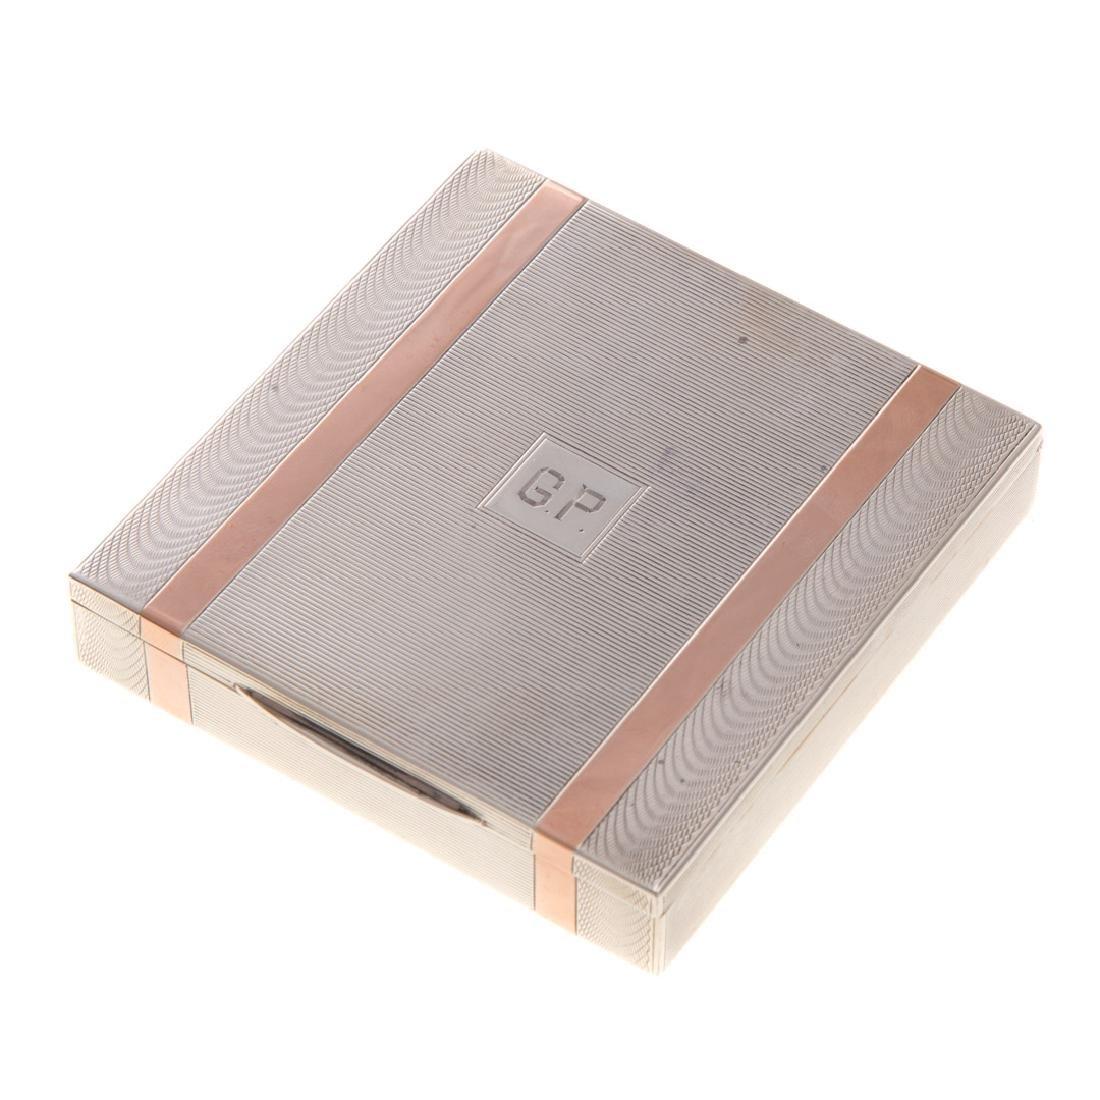 Two silver objets de vertu - 2